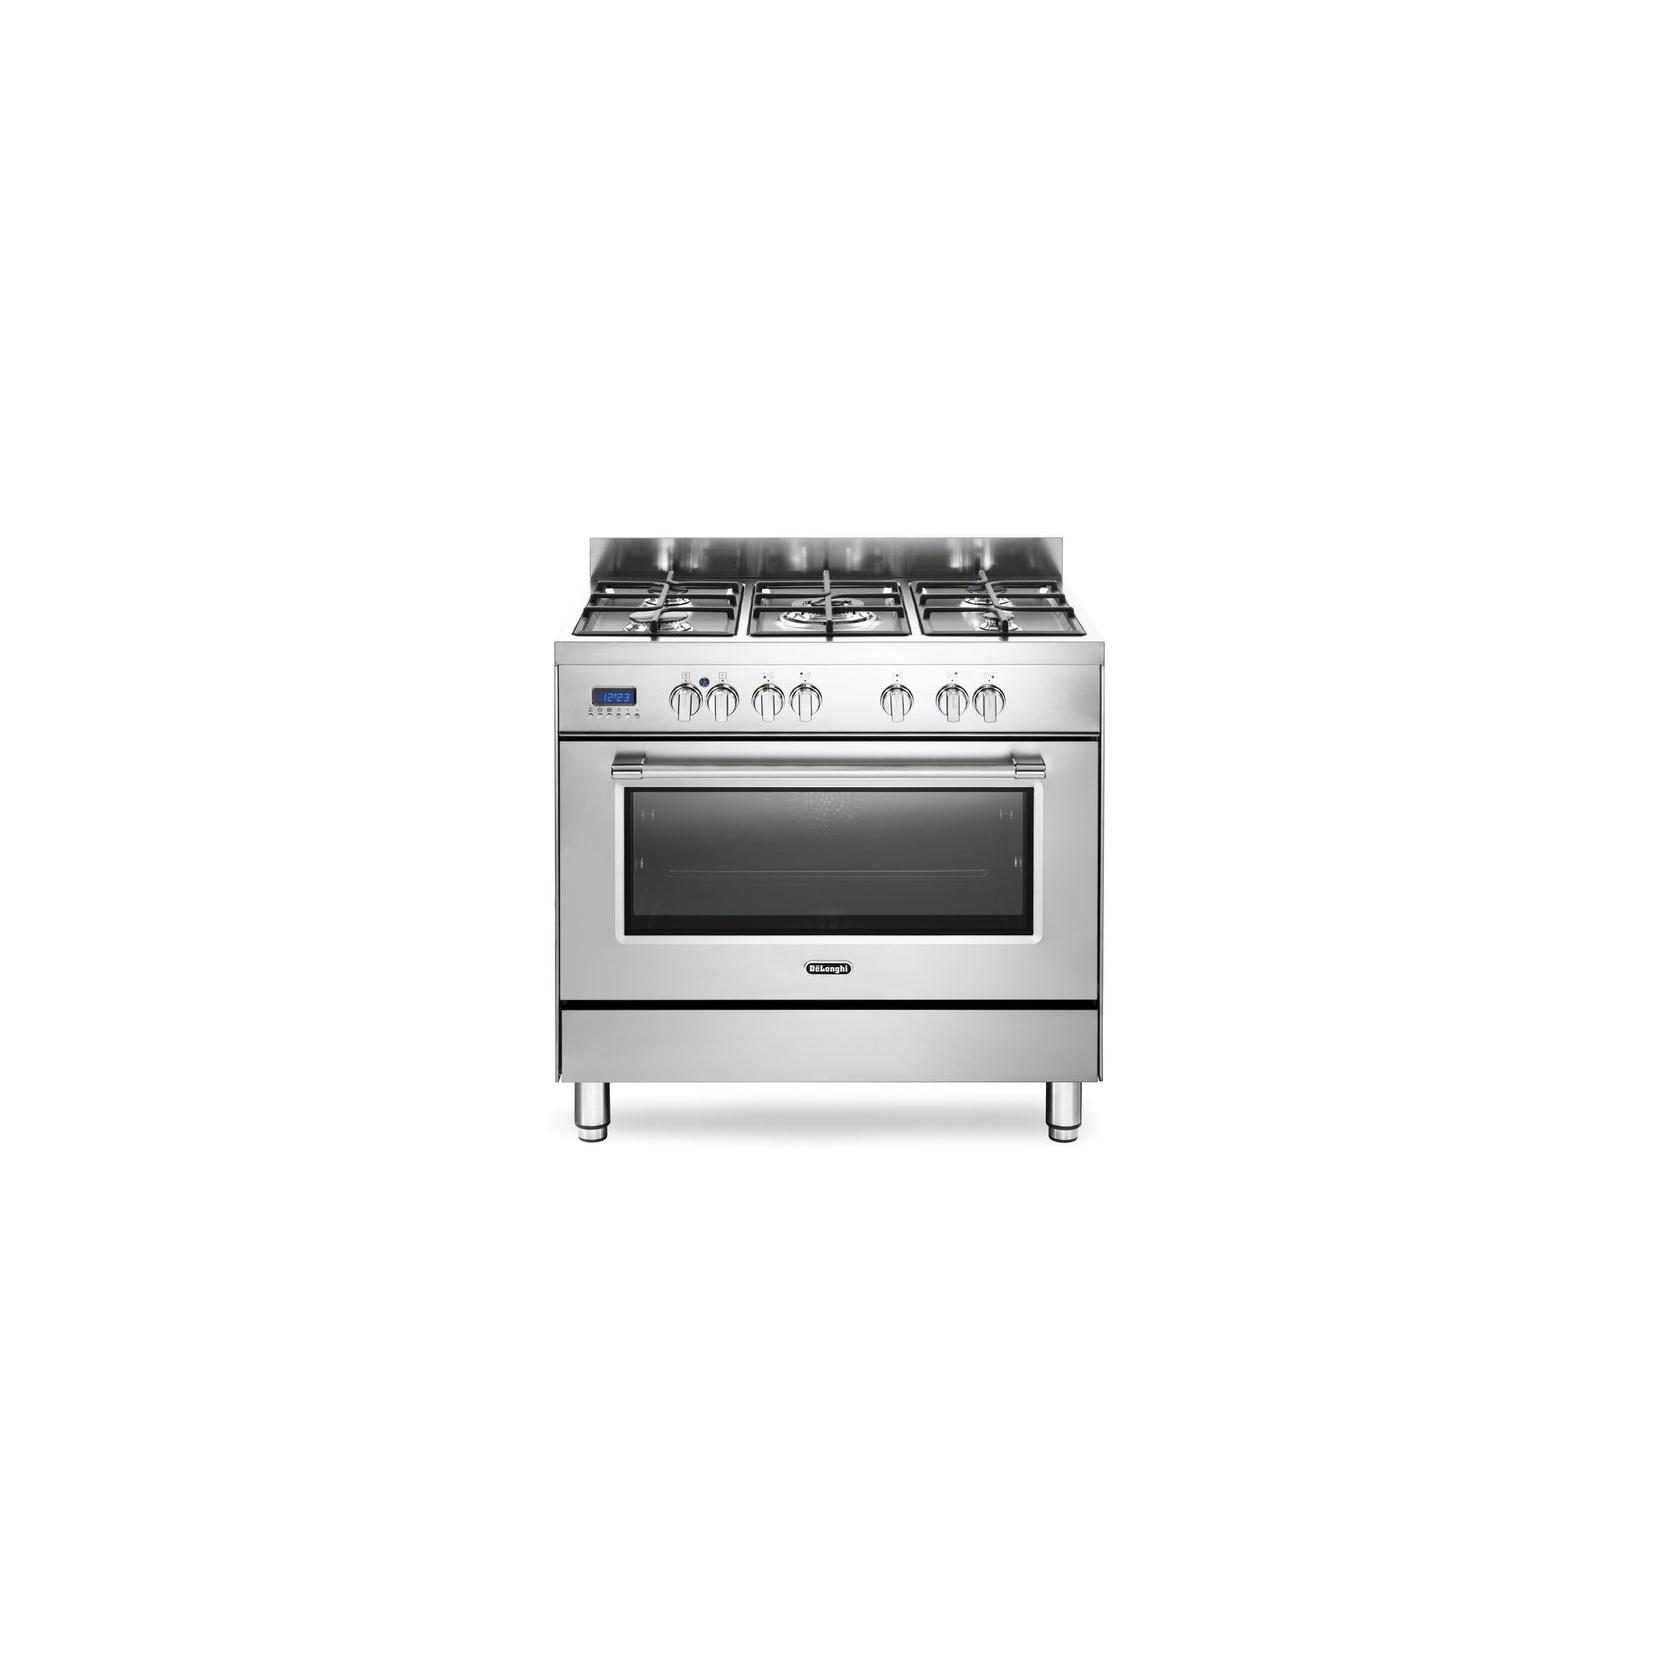 Cucina de longhi pro96mx tuttoforno 90 x 60 inox promozione elettrovillage - Cucine a gas samsung ...